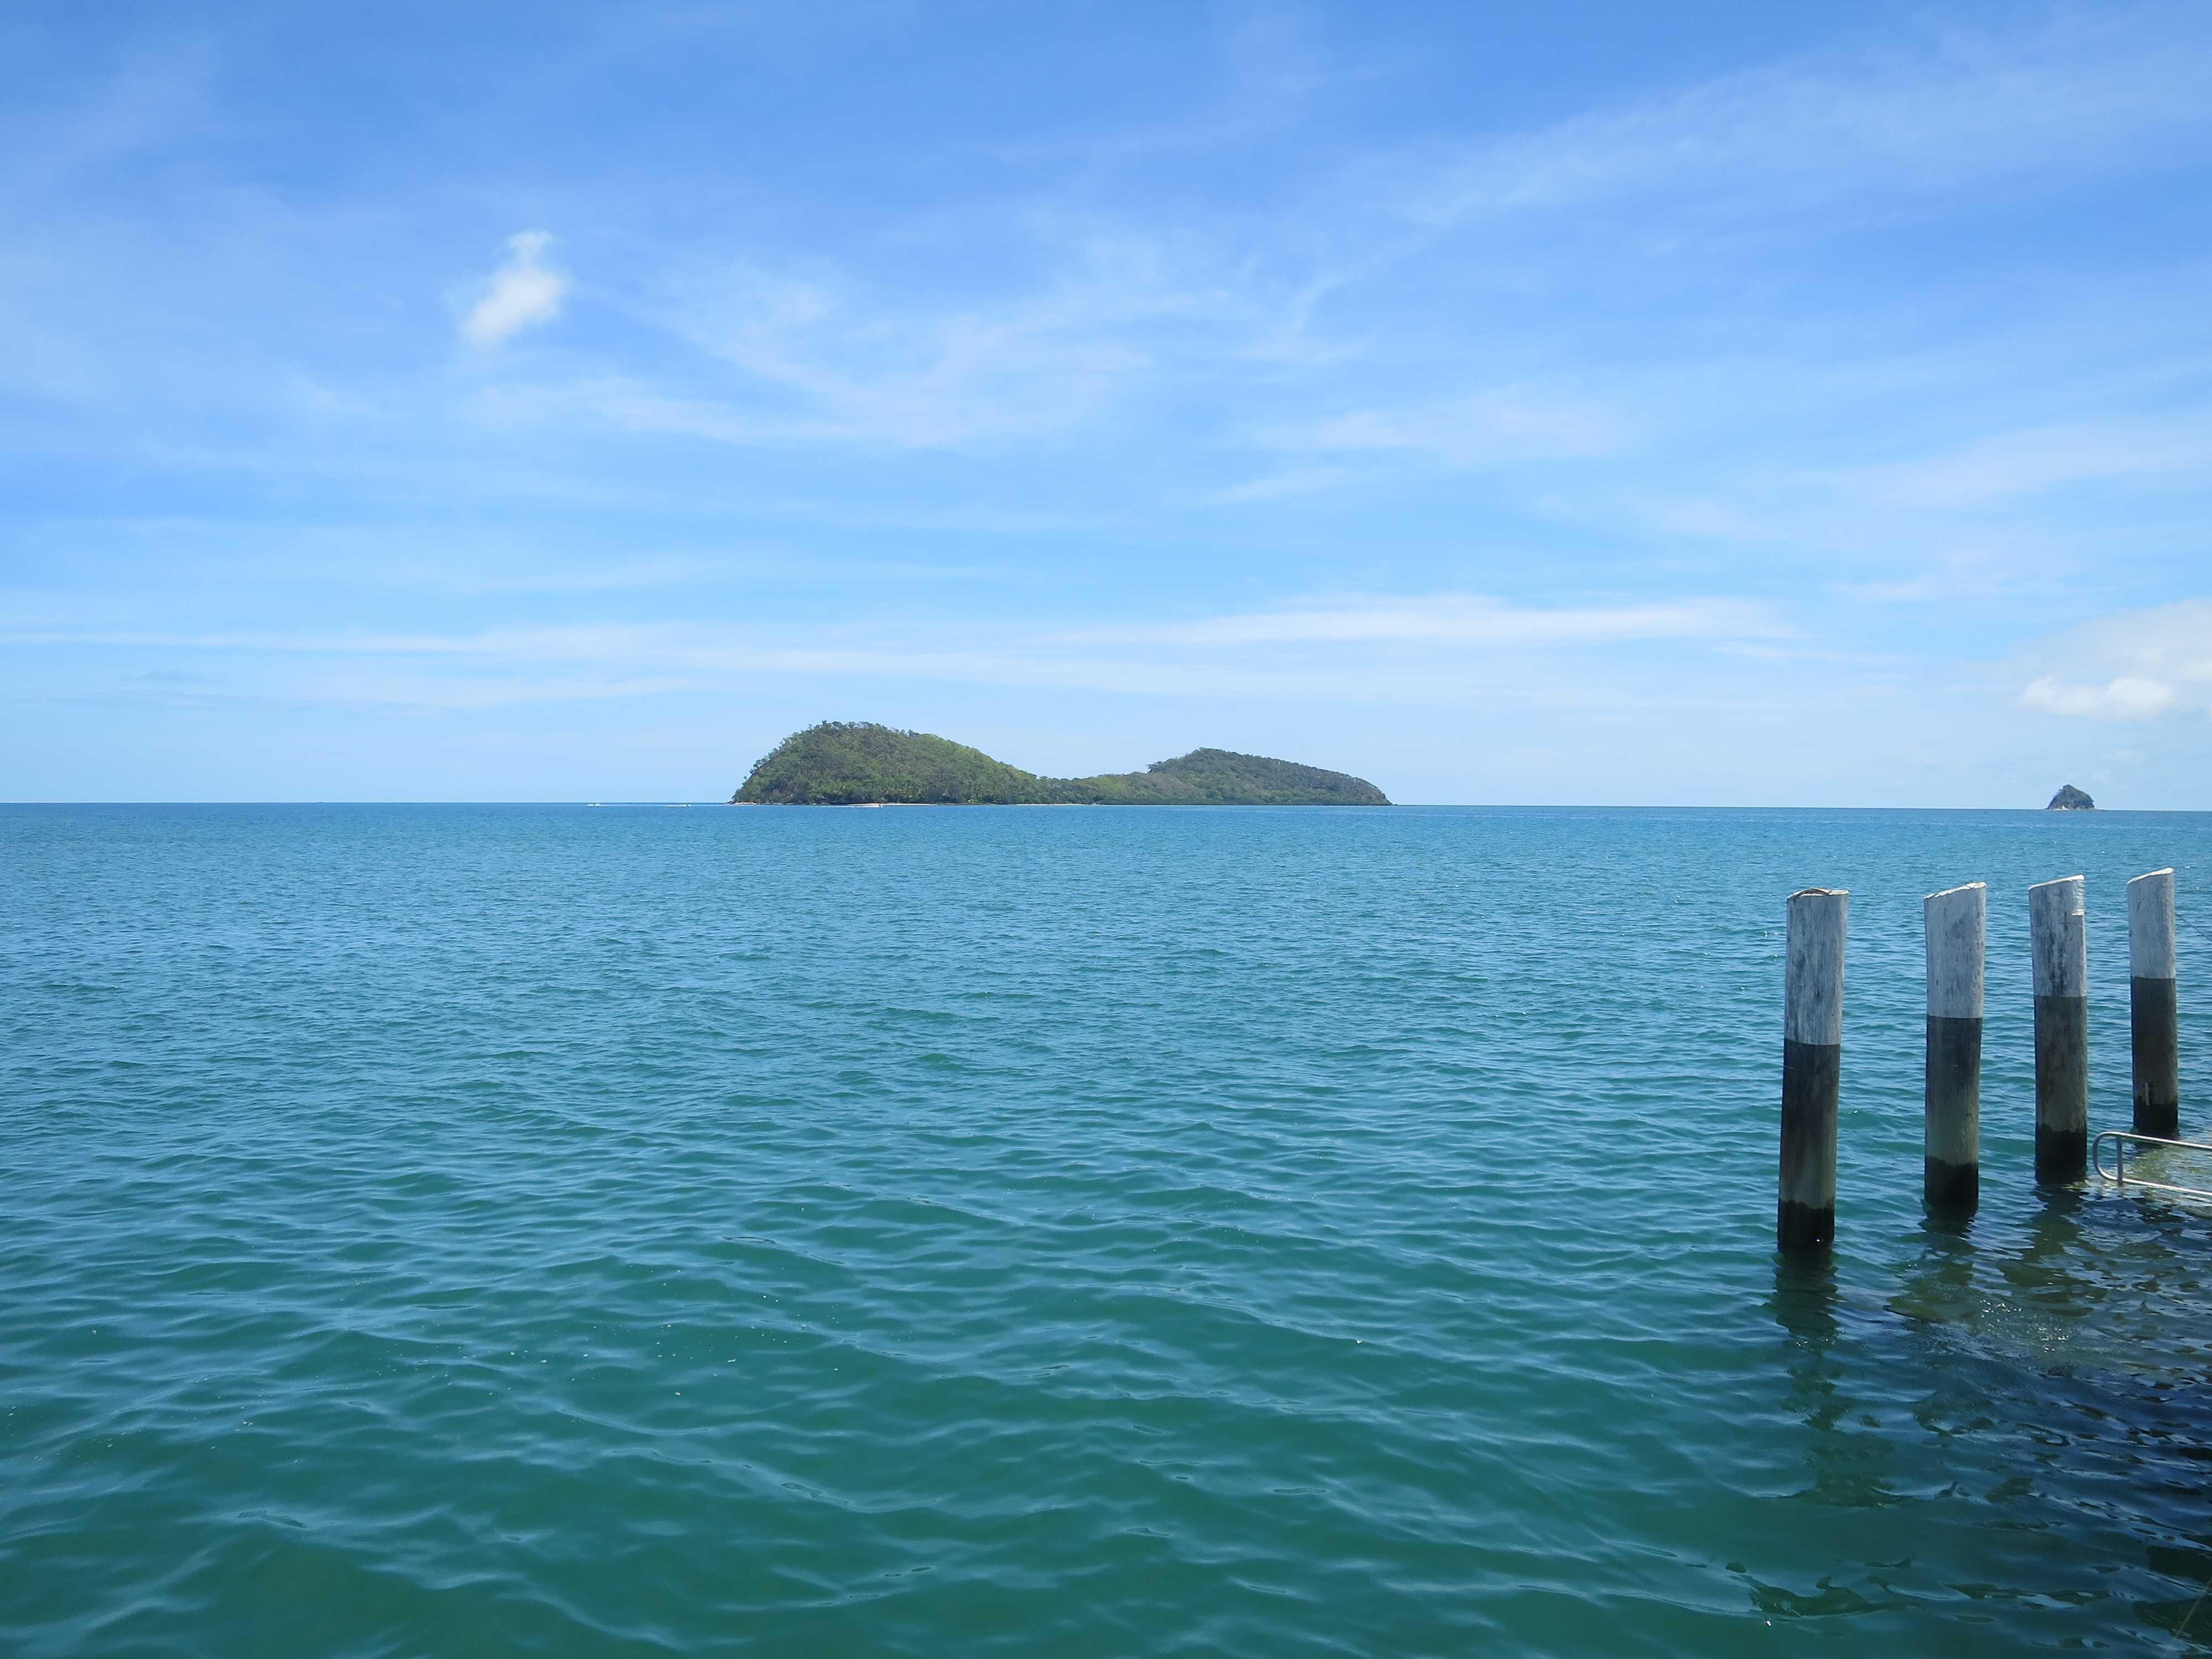 パームコーブビーチ - スカウトハットアイランド